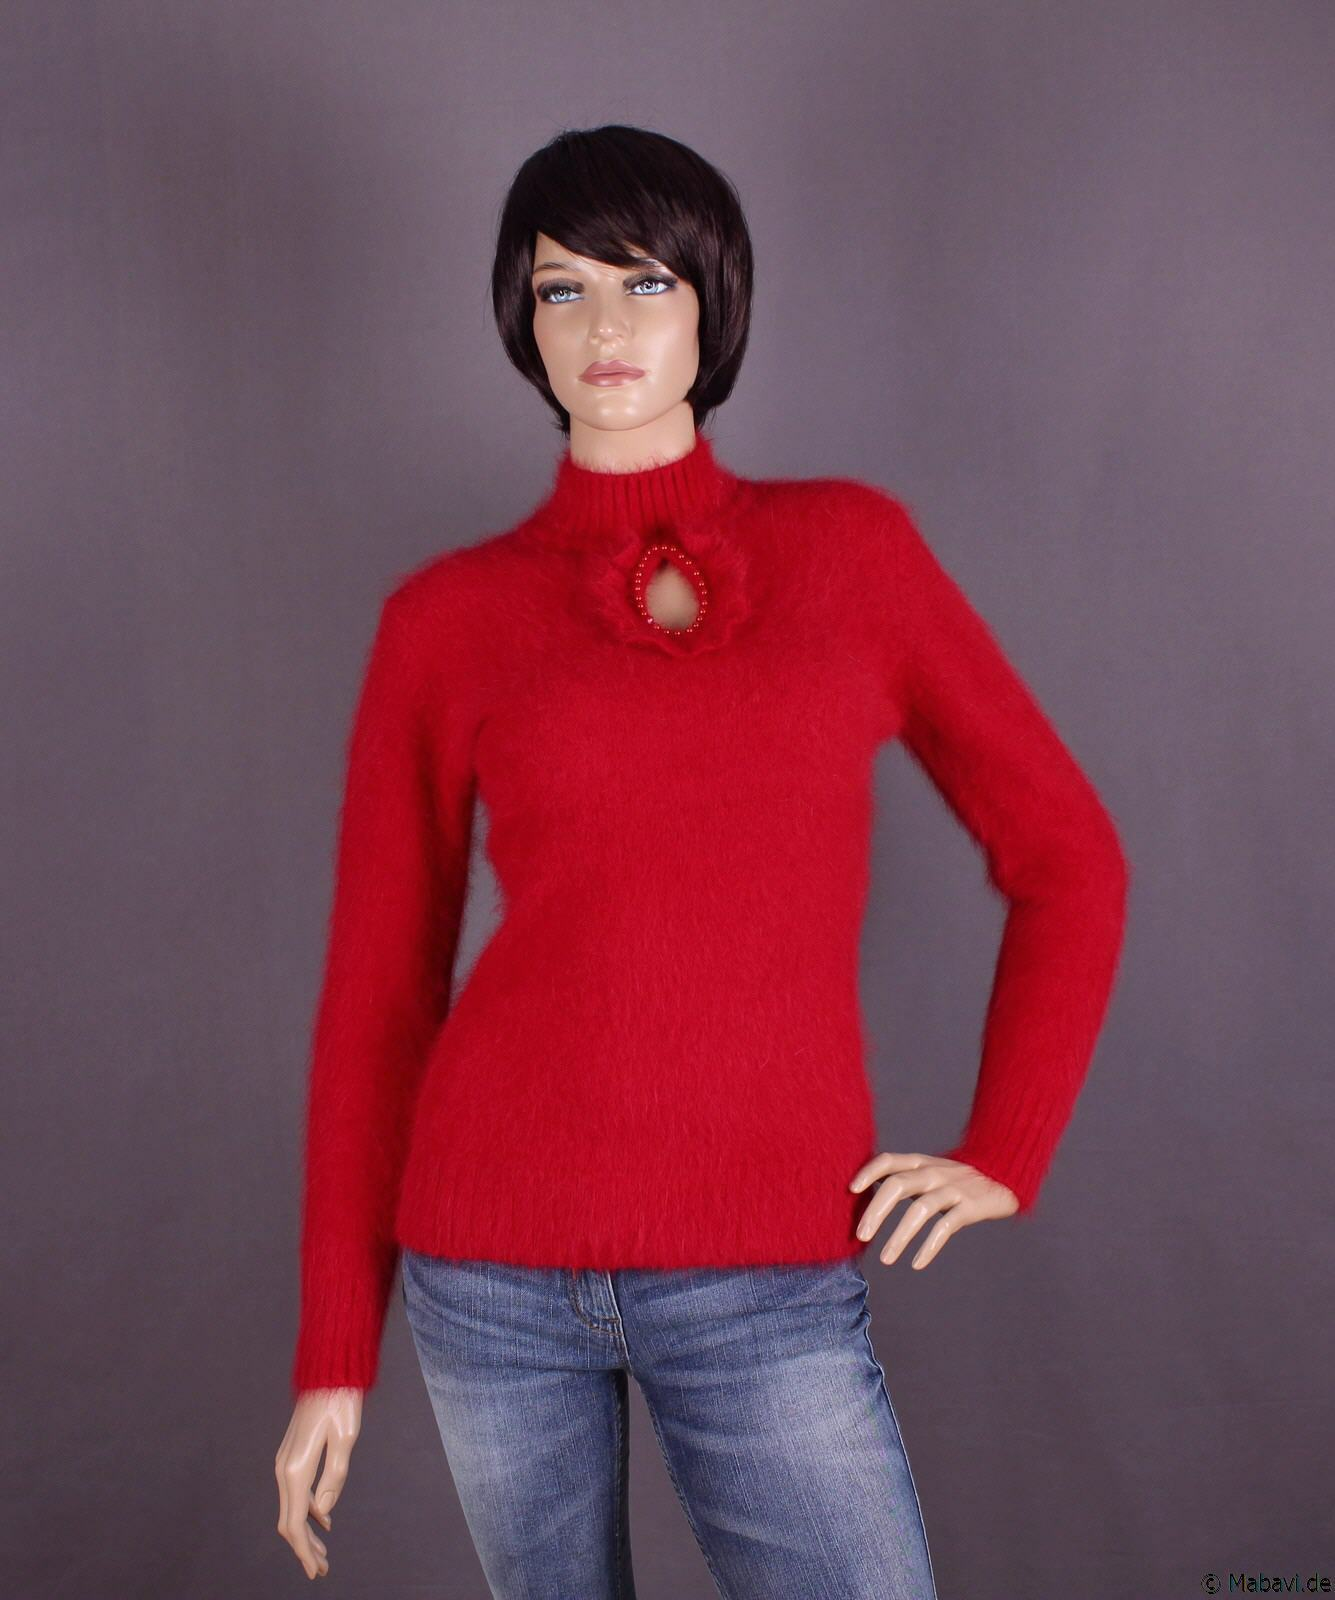 Angora Damen Pullover, Farbe: rot und Größe: S, M oder L (nach Wahl)